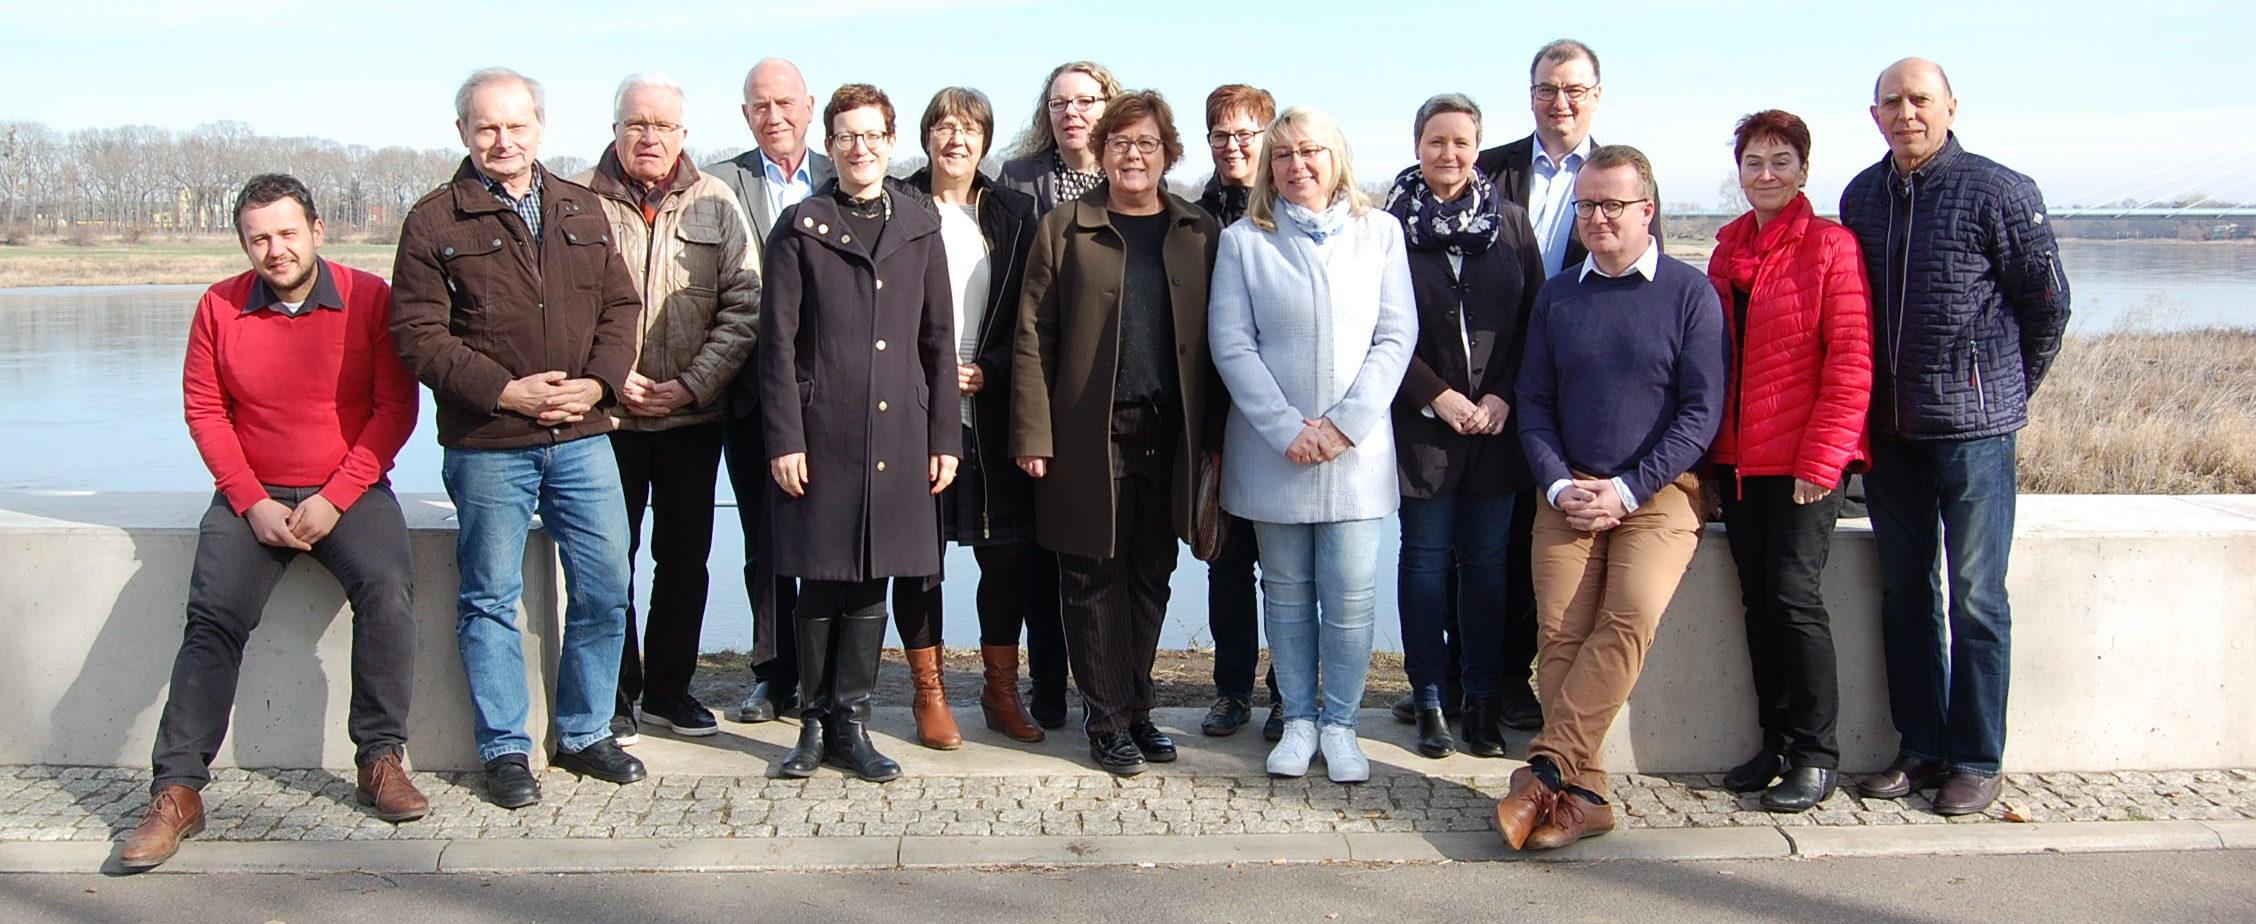 Unsere Kandidatinnen und Kandidaten für die Stadtratswahl am 26. Mai 2019